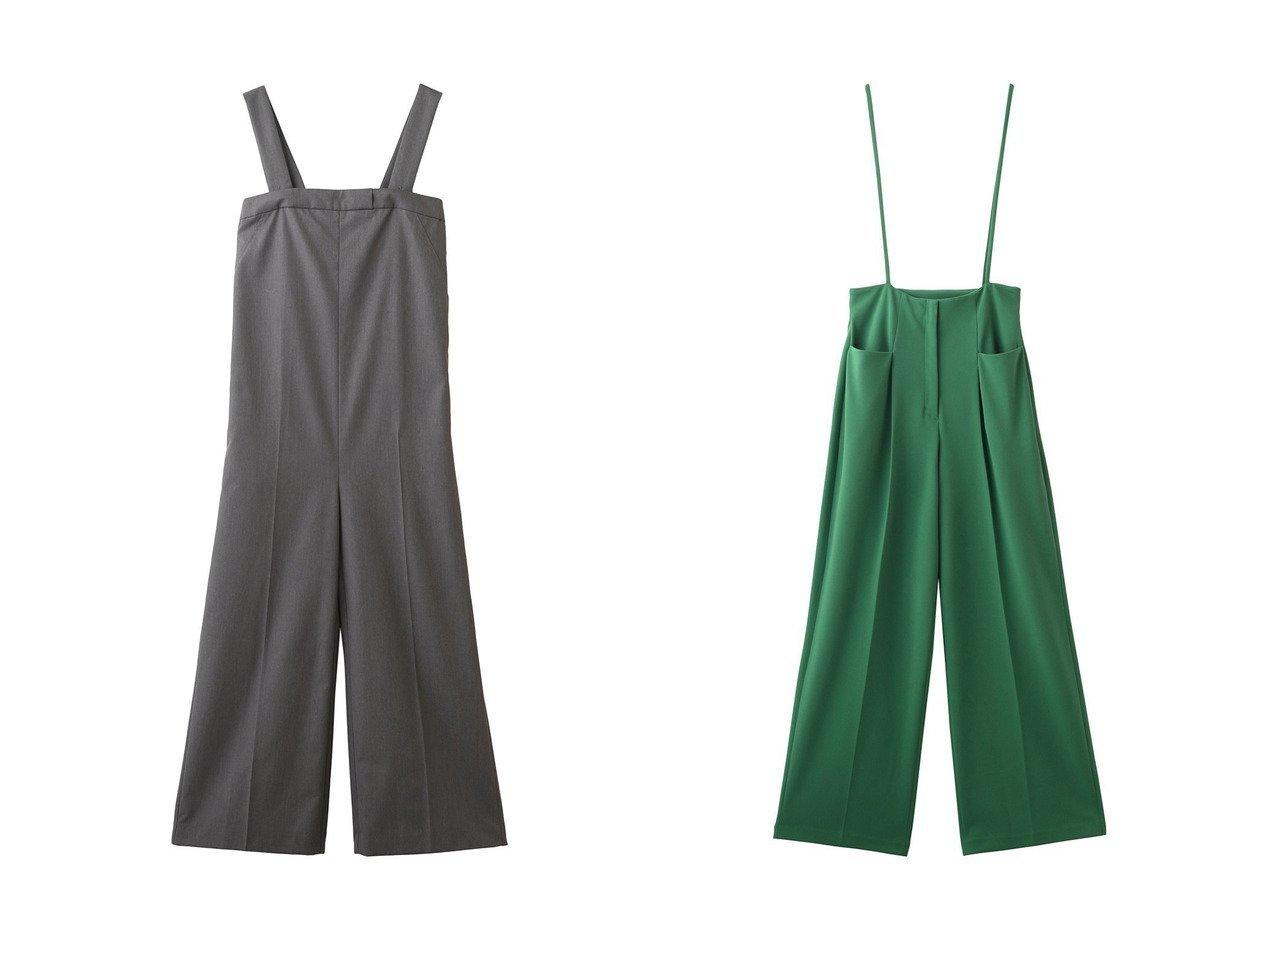 【RIM.ARK/リムアーク】のSlacks all in one&Washable strap PT 【パンツ】おすすめ!人気、トレンド・レディースファッションの通販 おすすめで人気の流行・トレンド、ファッションの通販商品 インテリア・家具・メンズファッション・キッズファッション・レディースファッション・服の通販 founy(ファニー) https://founy.com/ ファッション Fashion レディースファッション WOMEN パンツ Pants おすすめ Recommend ジャケット ツイル ラップ |ID:crp329100000057970